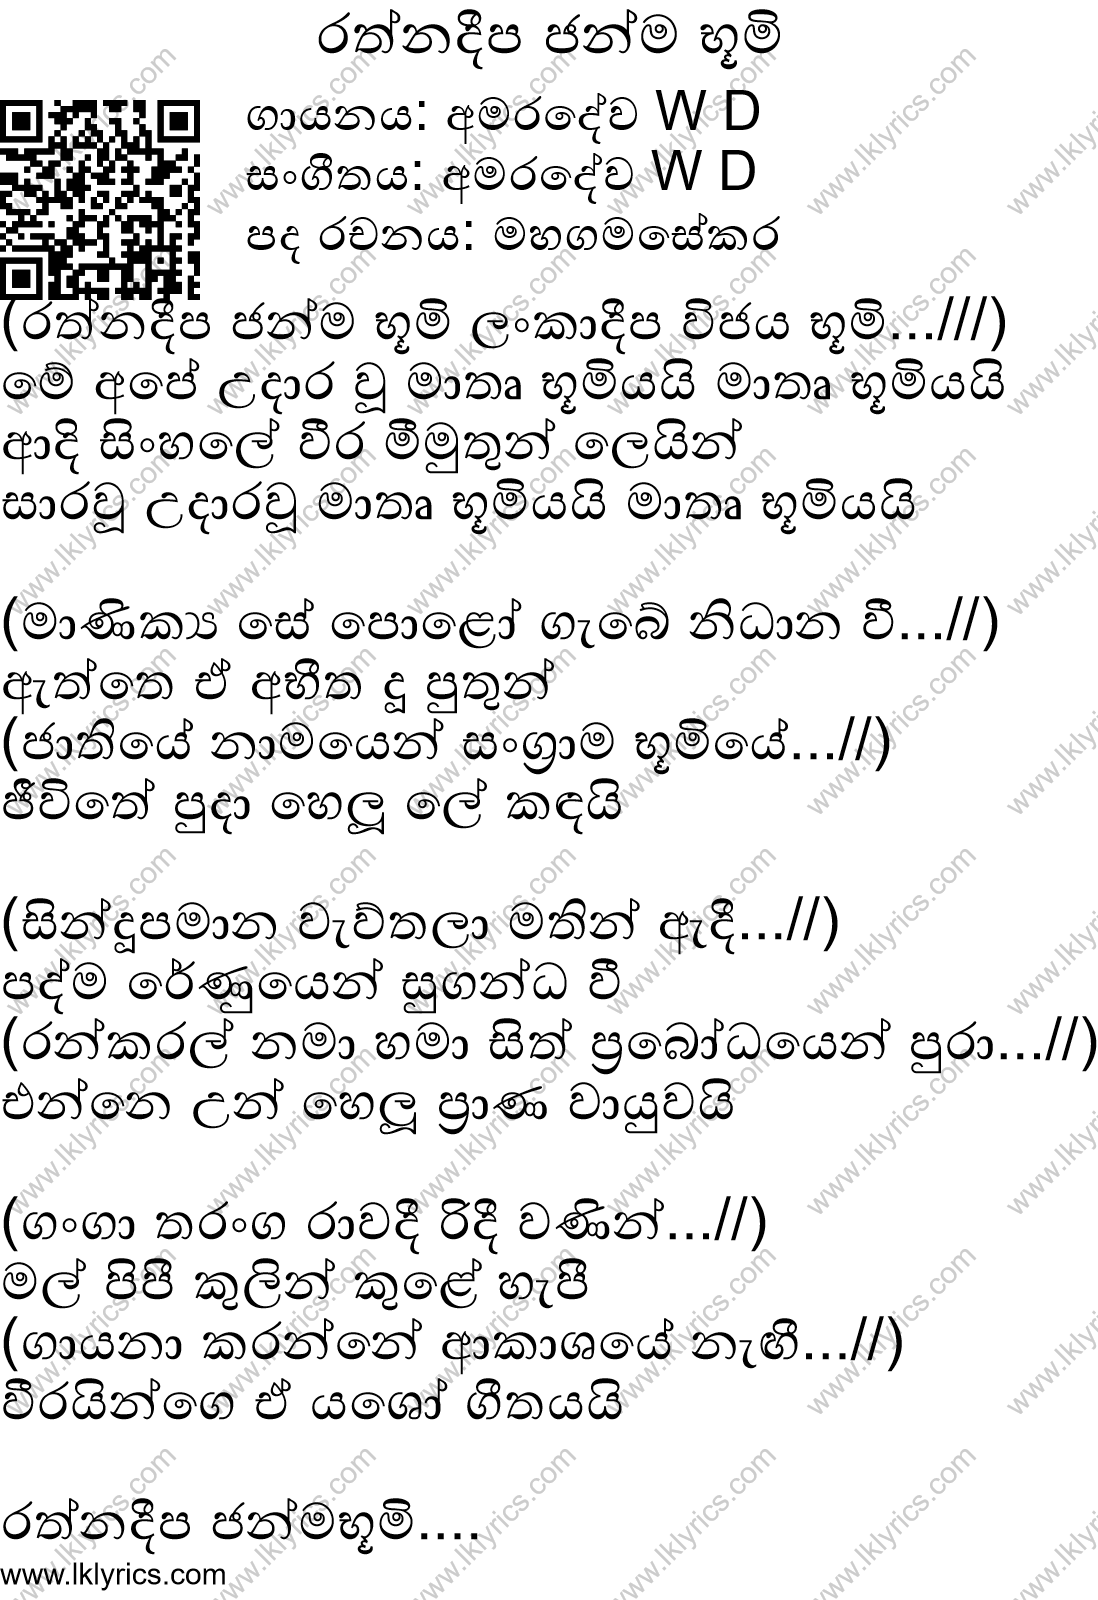 Download pandavar bhoomi songs lyrics